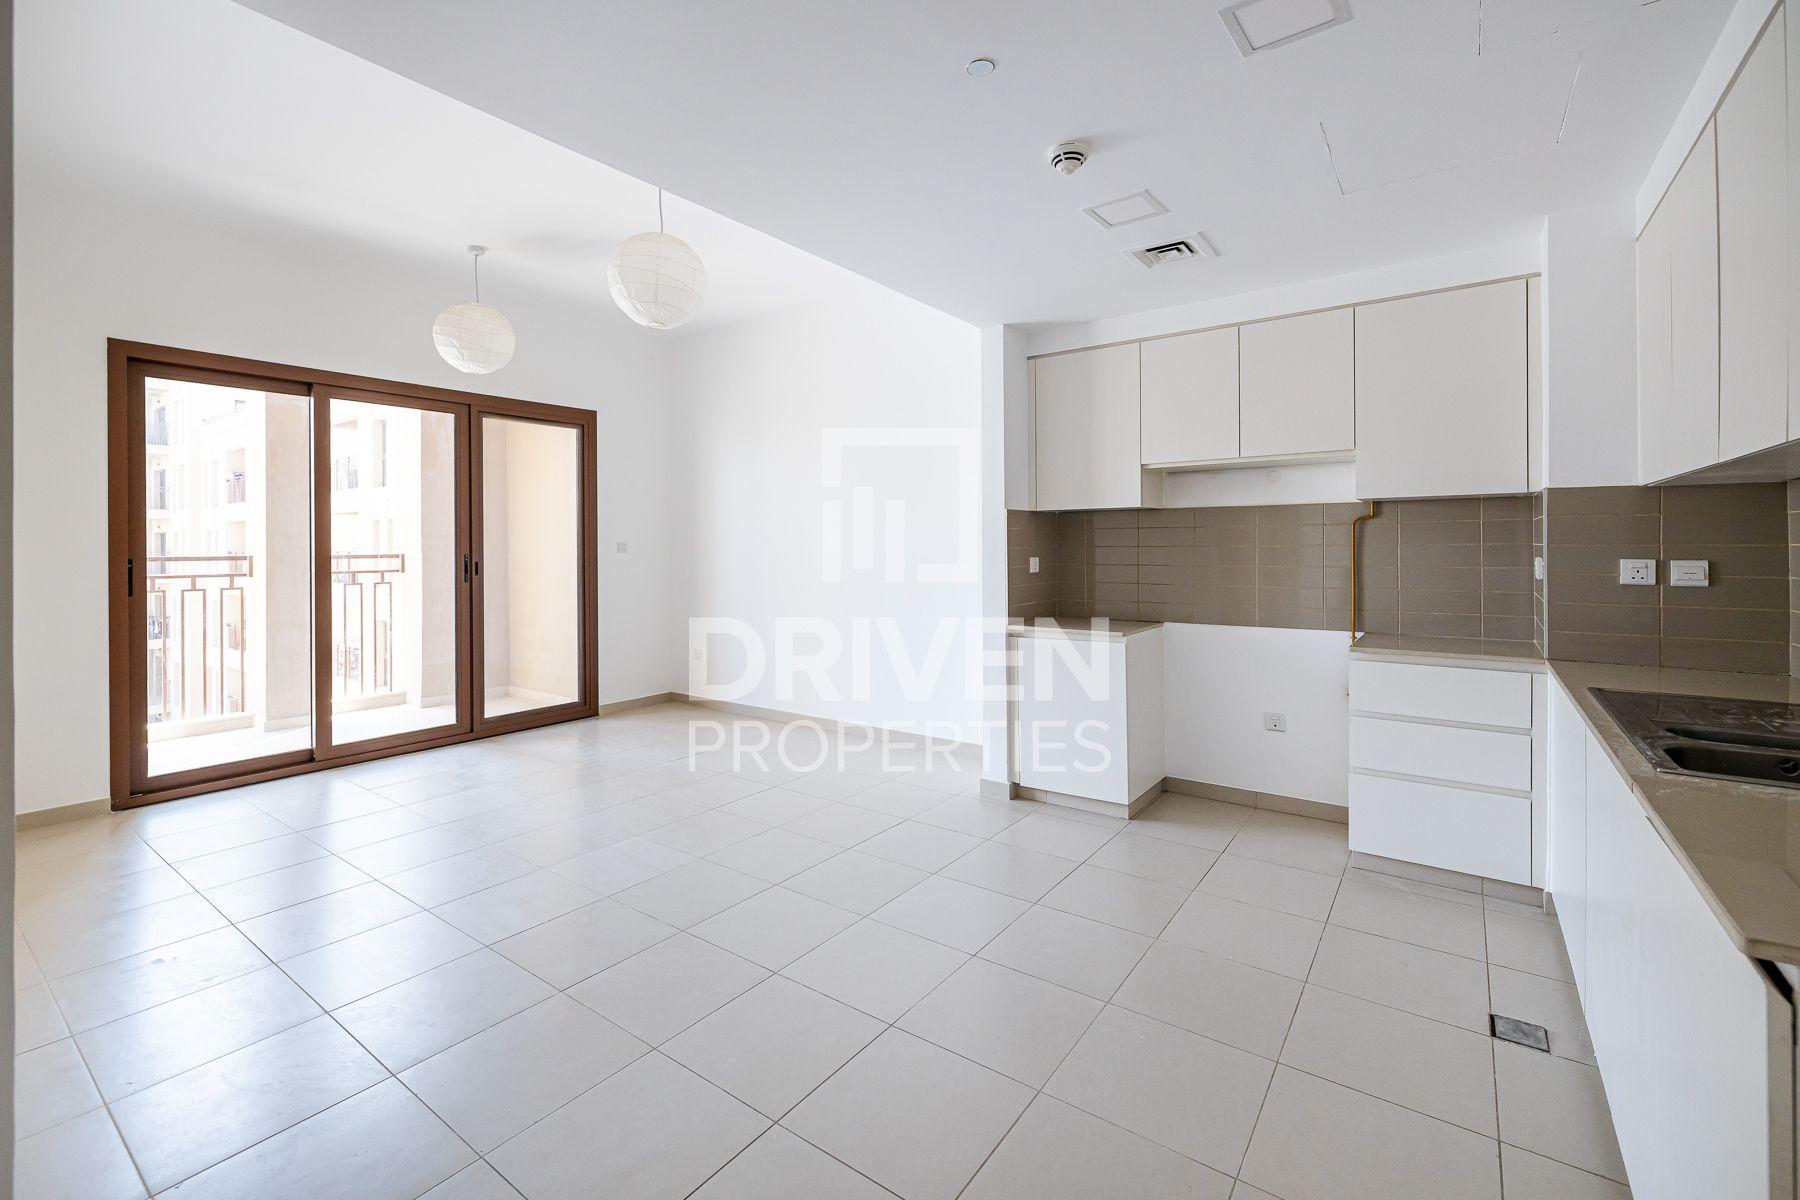 1,015 قدم مربع  شقة - للايجار - تاون سكوار